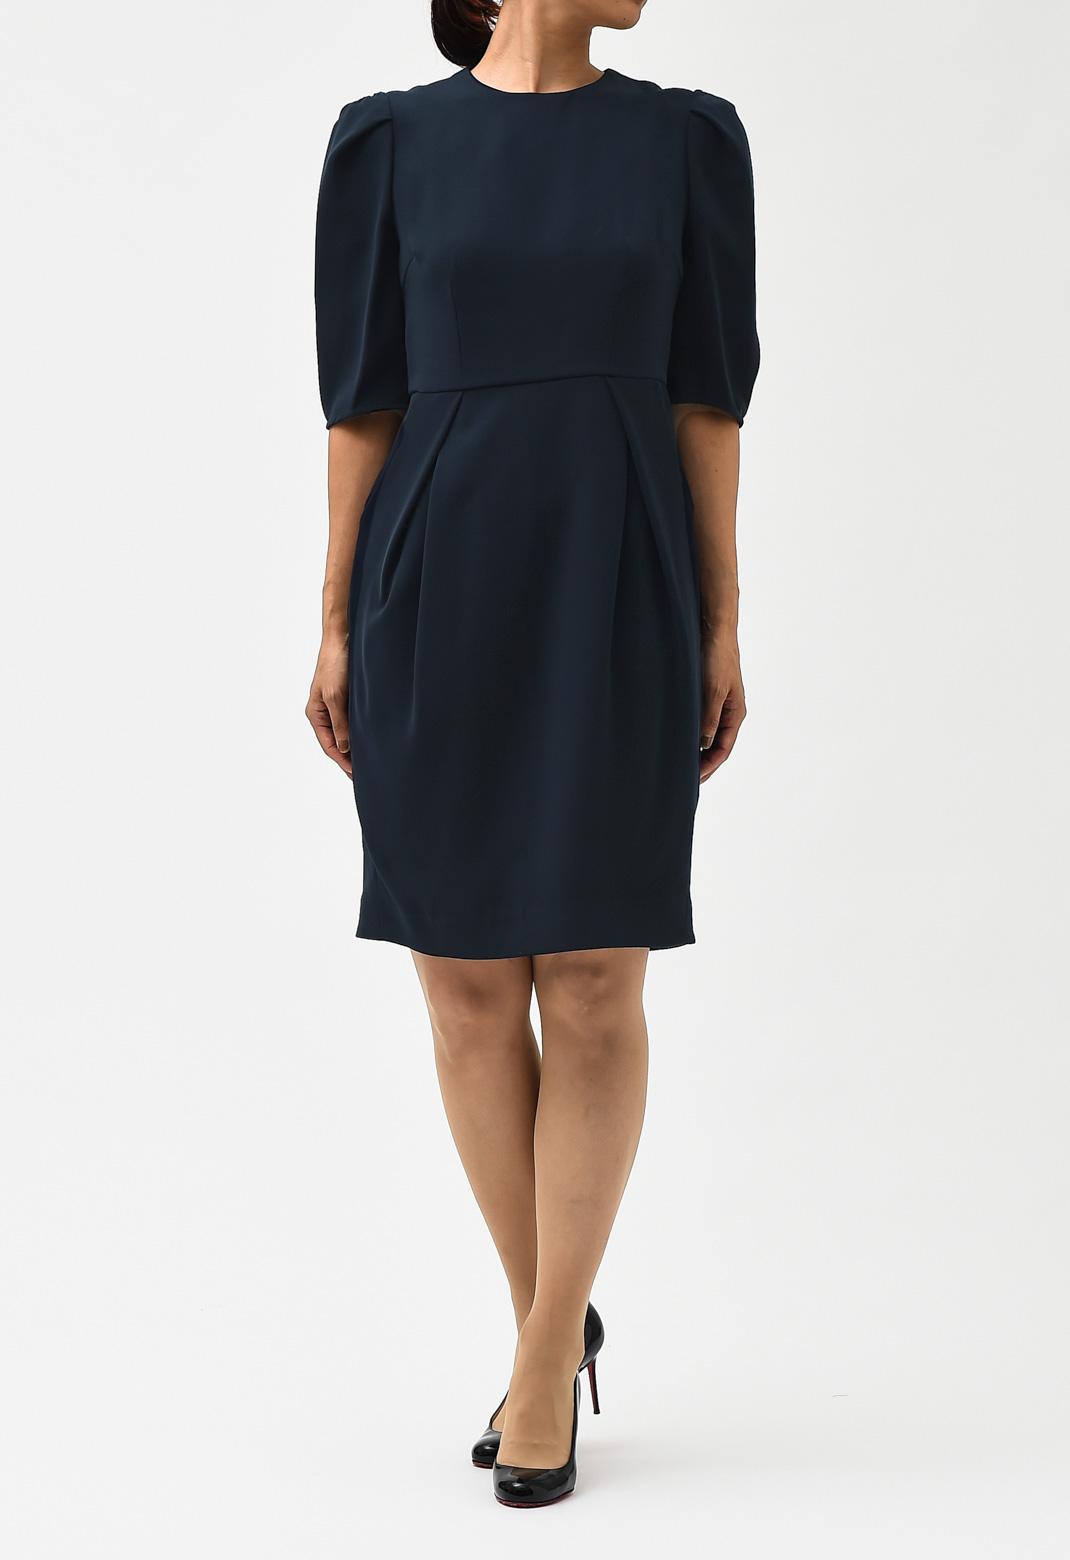 パフスリーブ風 半袖 ドレス